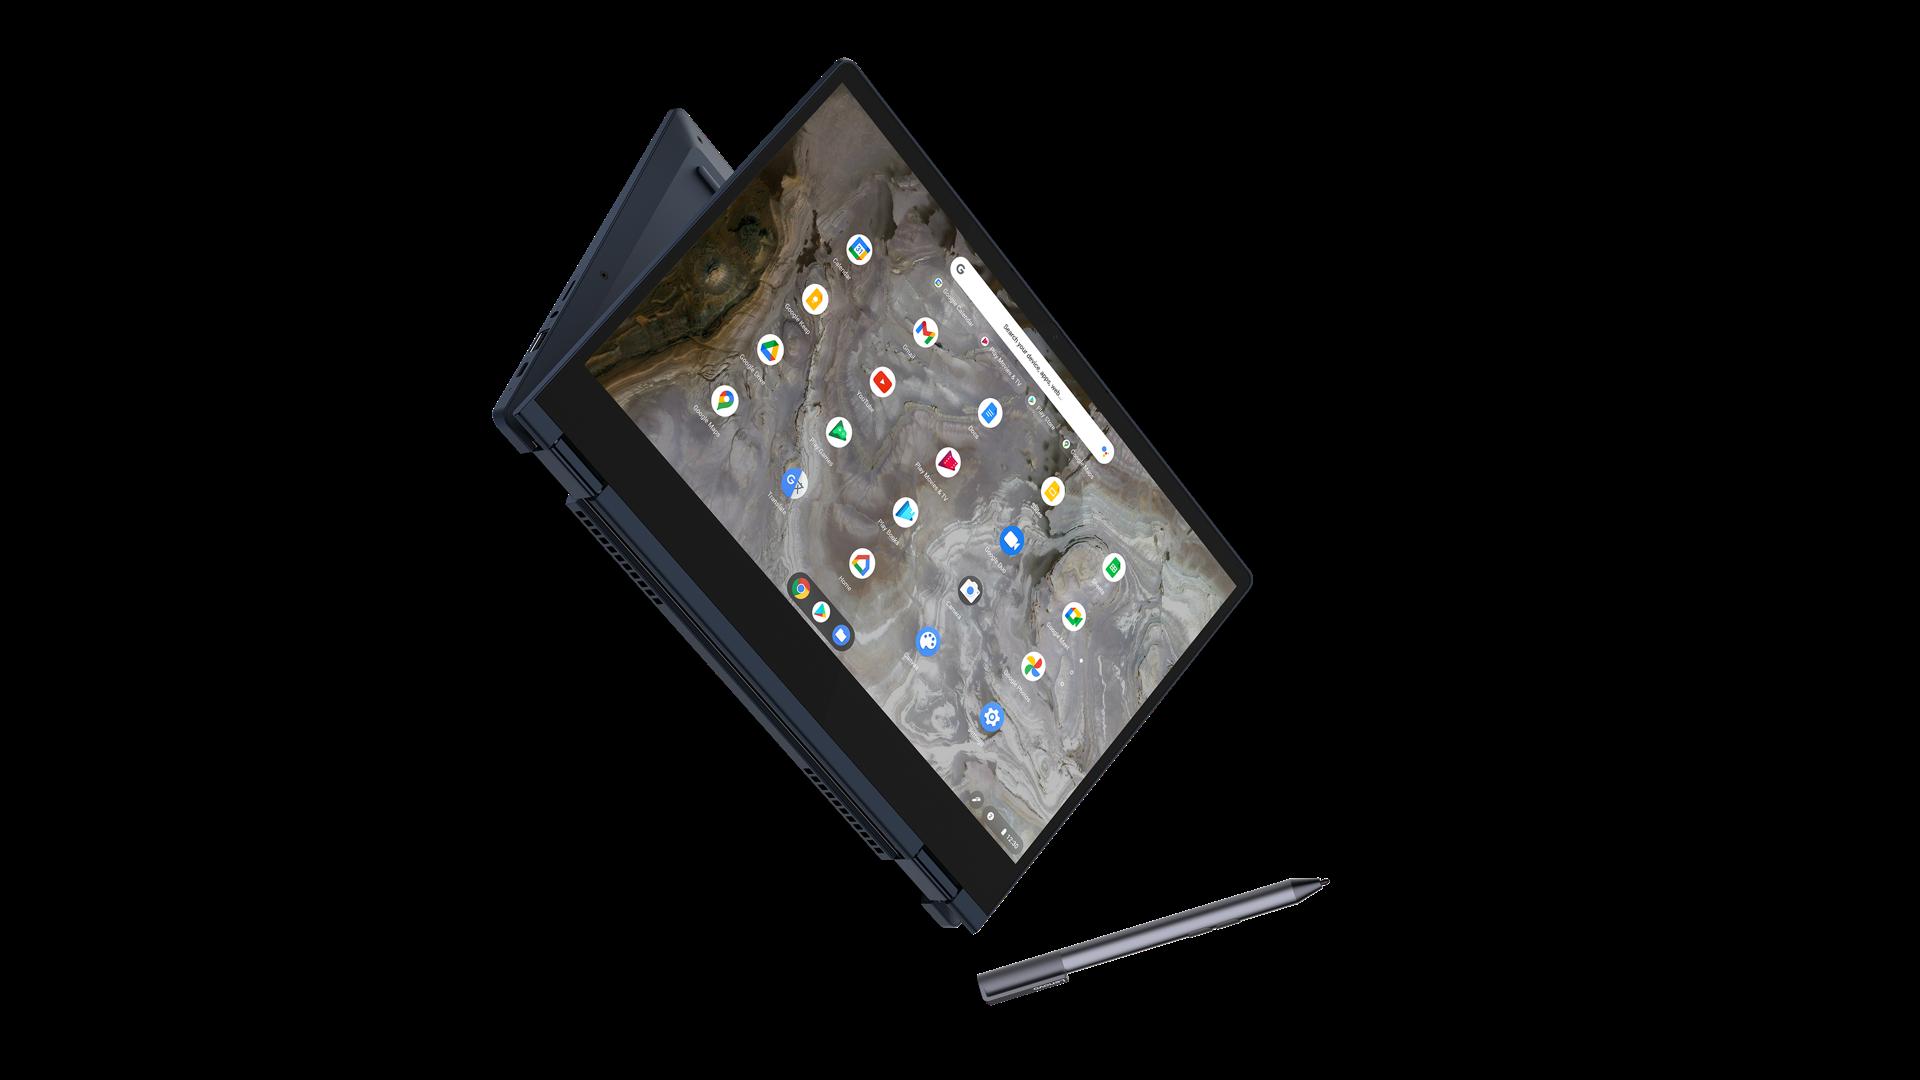 Lenovo Flex 5i Chromebook and Pen